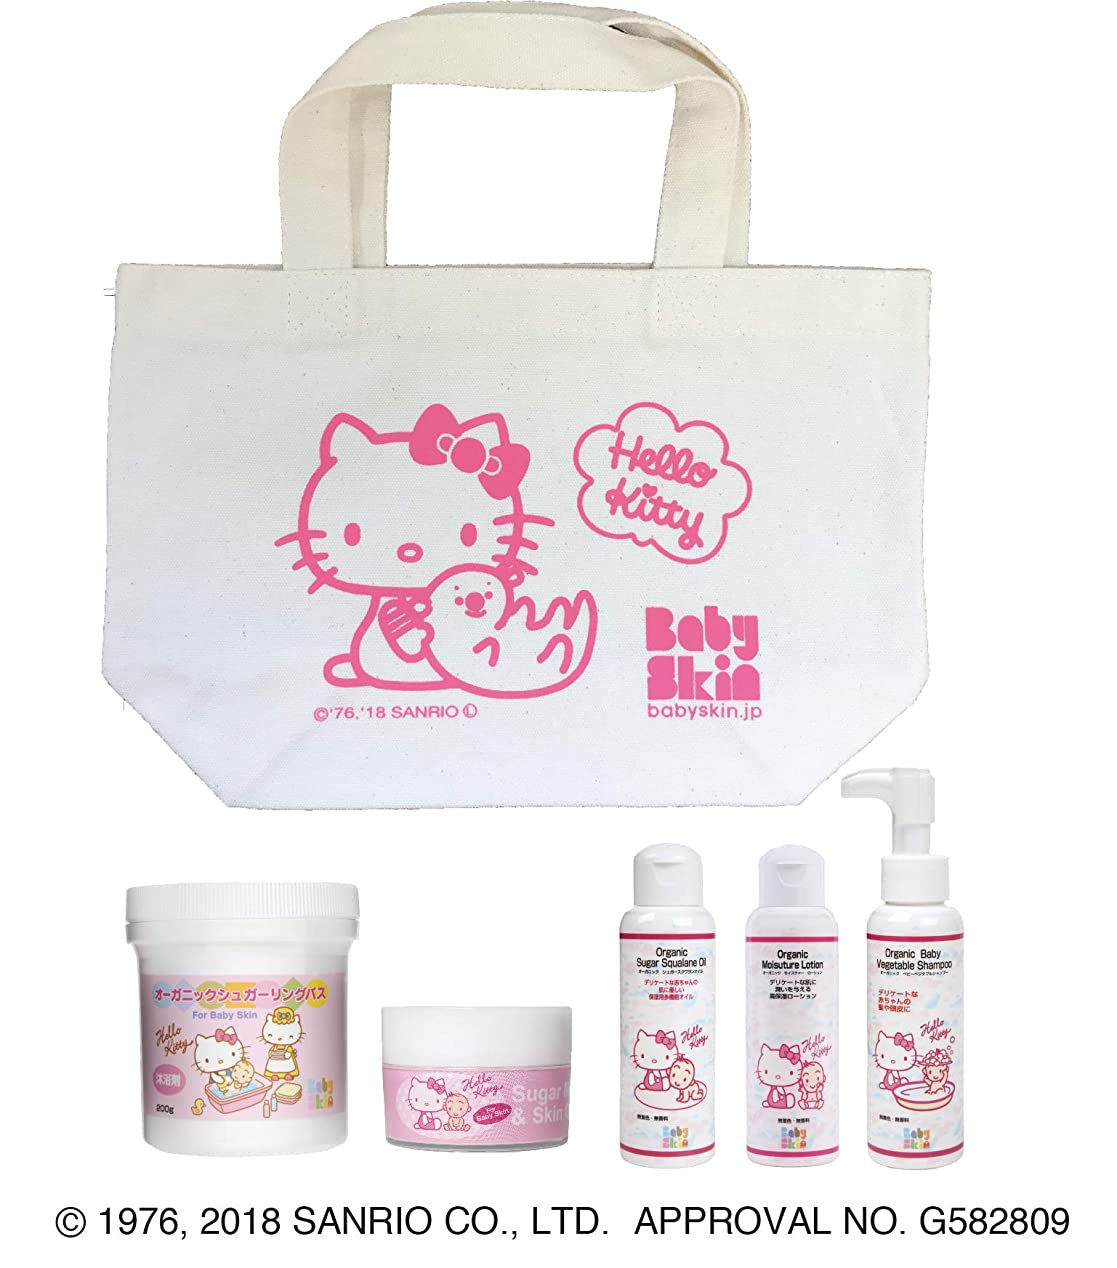 宿るミニ申し込むBaby Skin Japan(ベビースキンジャパン) ハローキティ トートバッグセットA